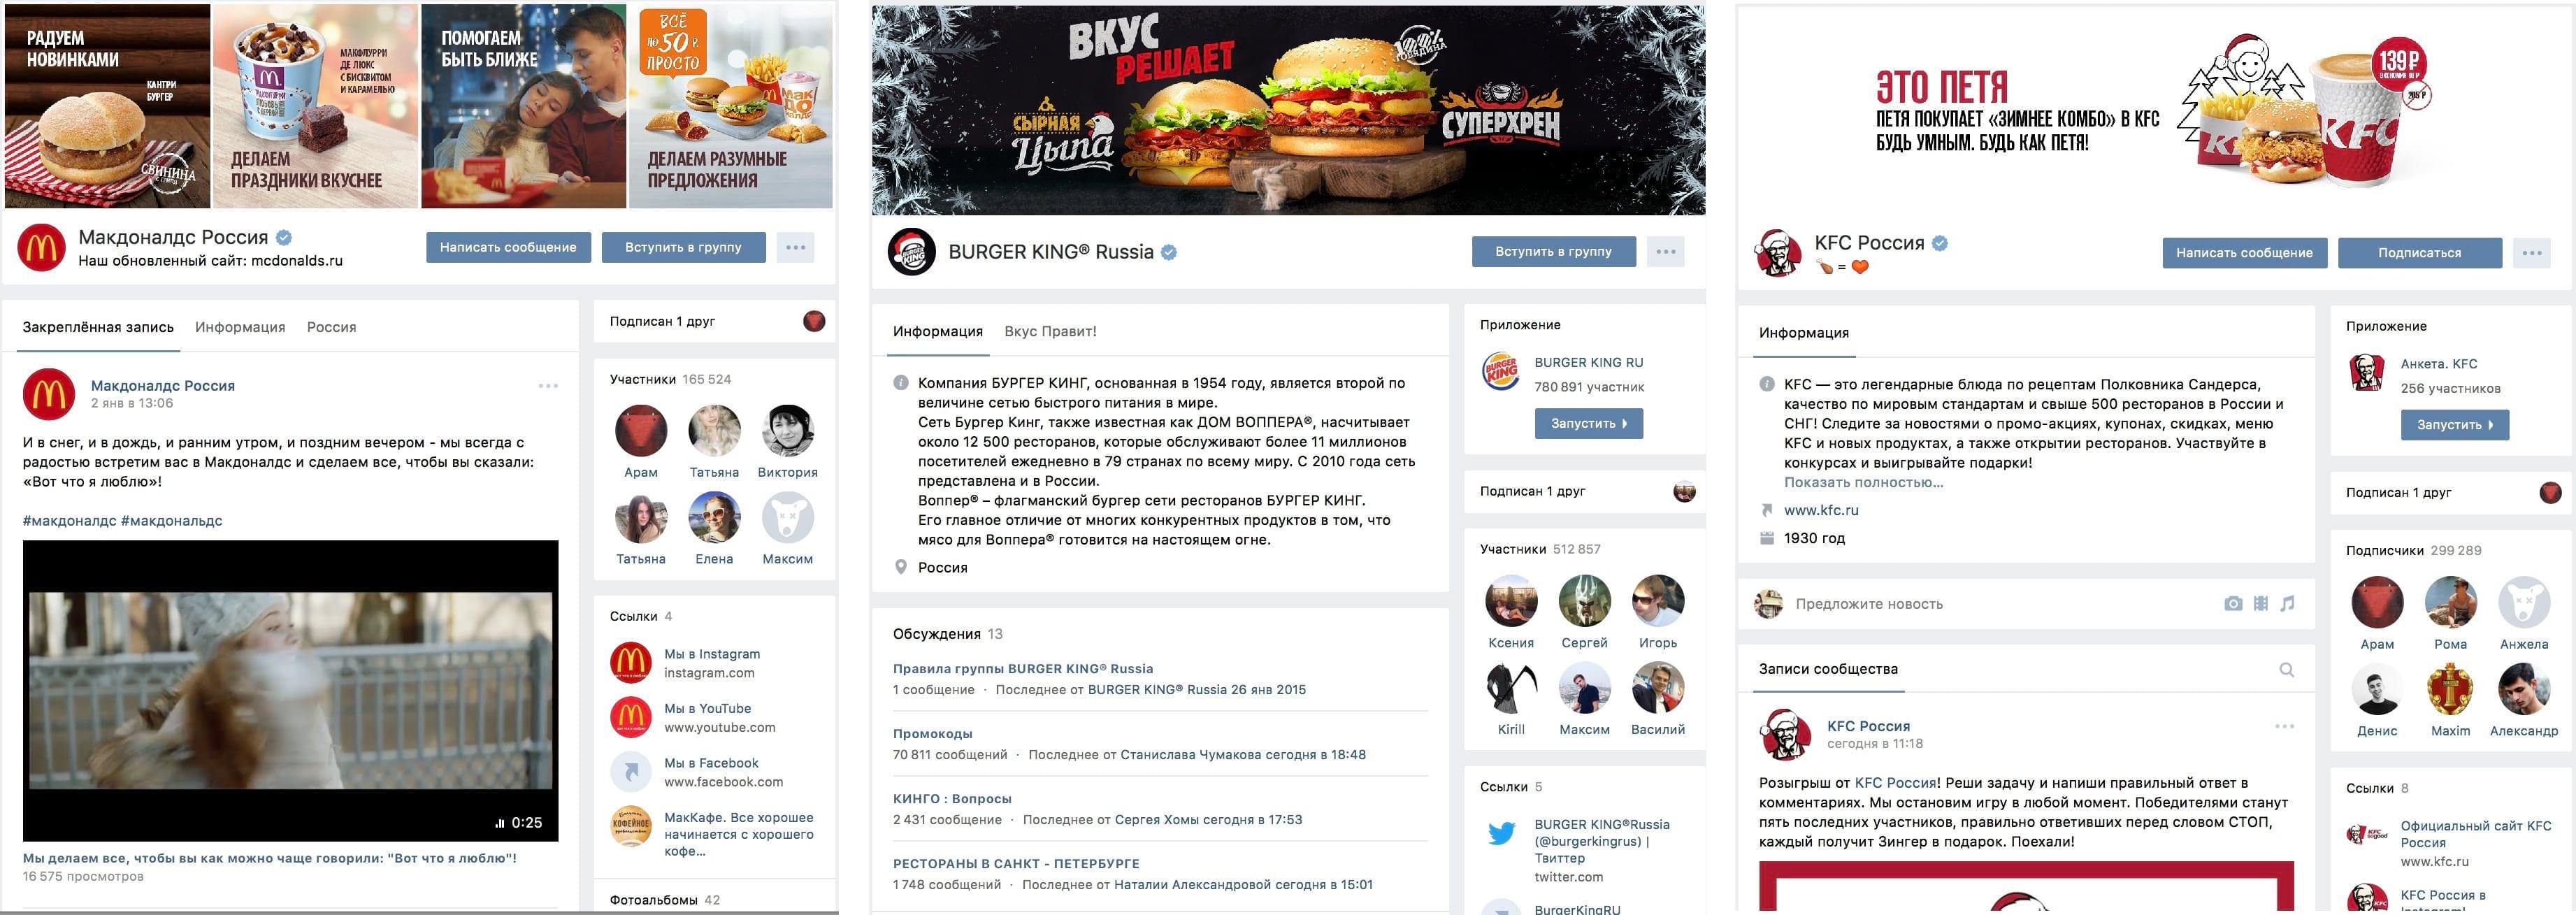 Оформление сообществ «ВКонтакте» на должном уровне, и все используют обложки, где показан продукт.